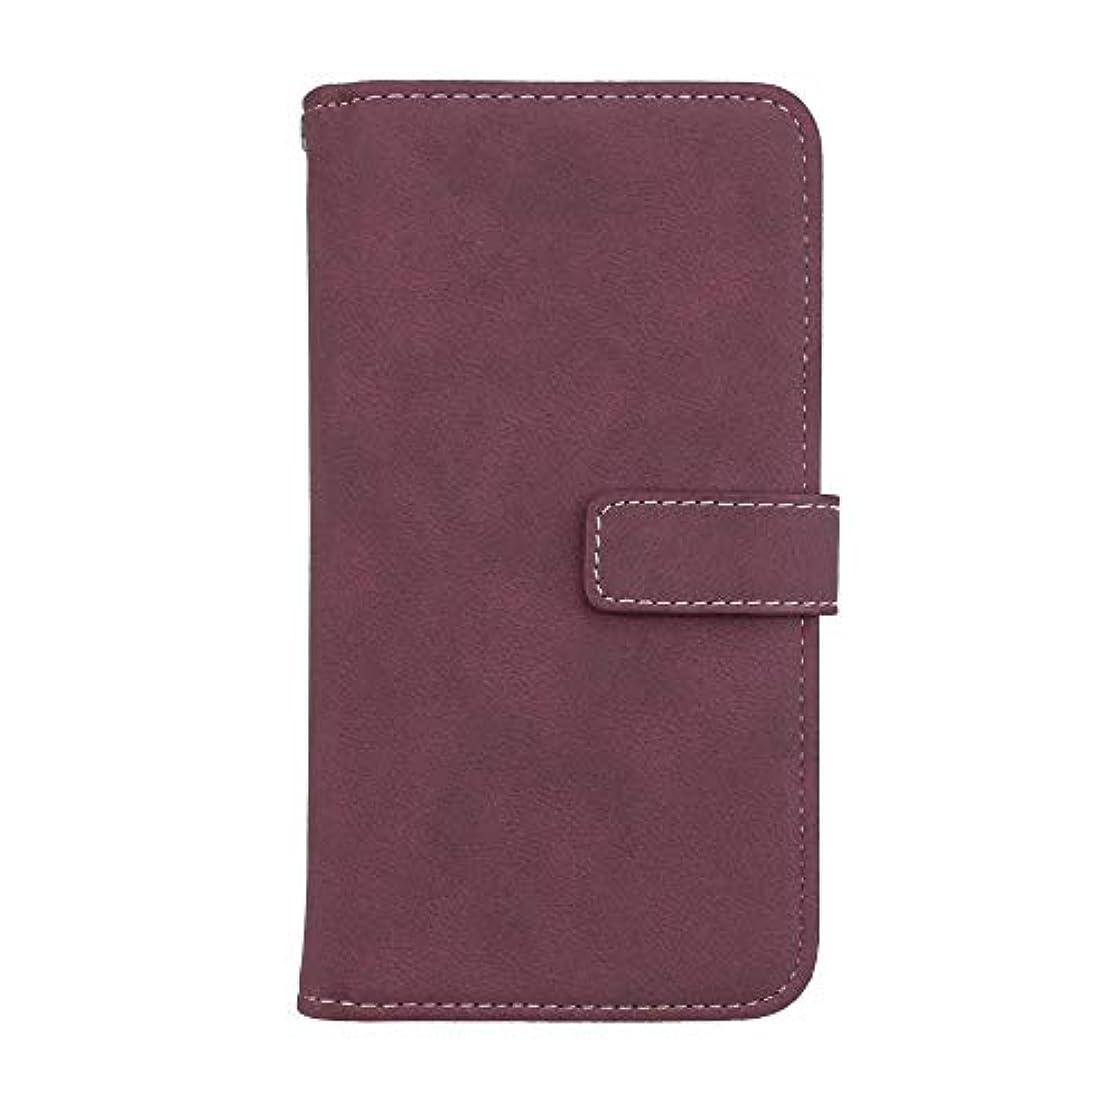 びんスクワイアかんがいXiaomi Redmi Note 4 高品質 マグネット ケース, CUNUS 携帯電話 ケース 軽量 柔軟 高品質 耐摩擦 カード収納 カバー Xiaomi Redmi Note 4 用, ローズレッド